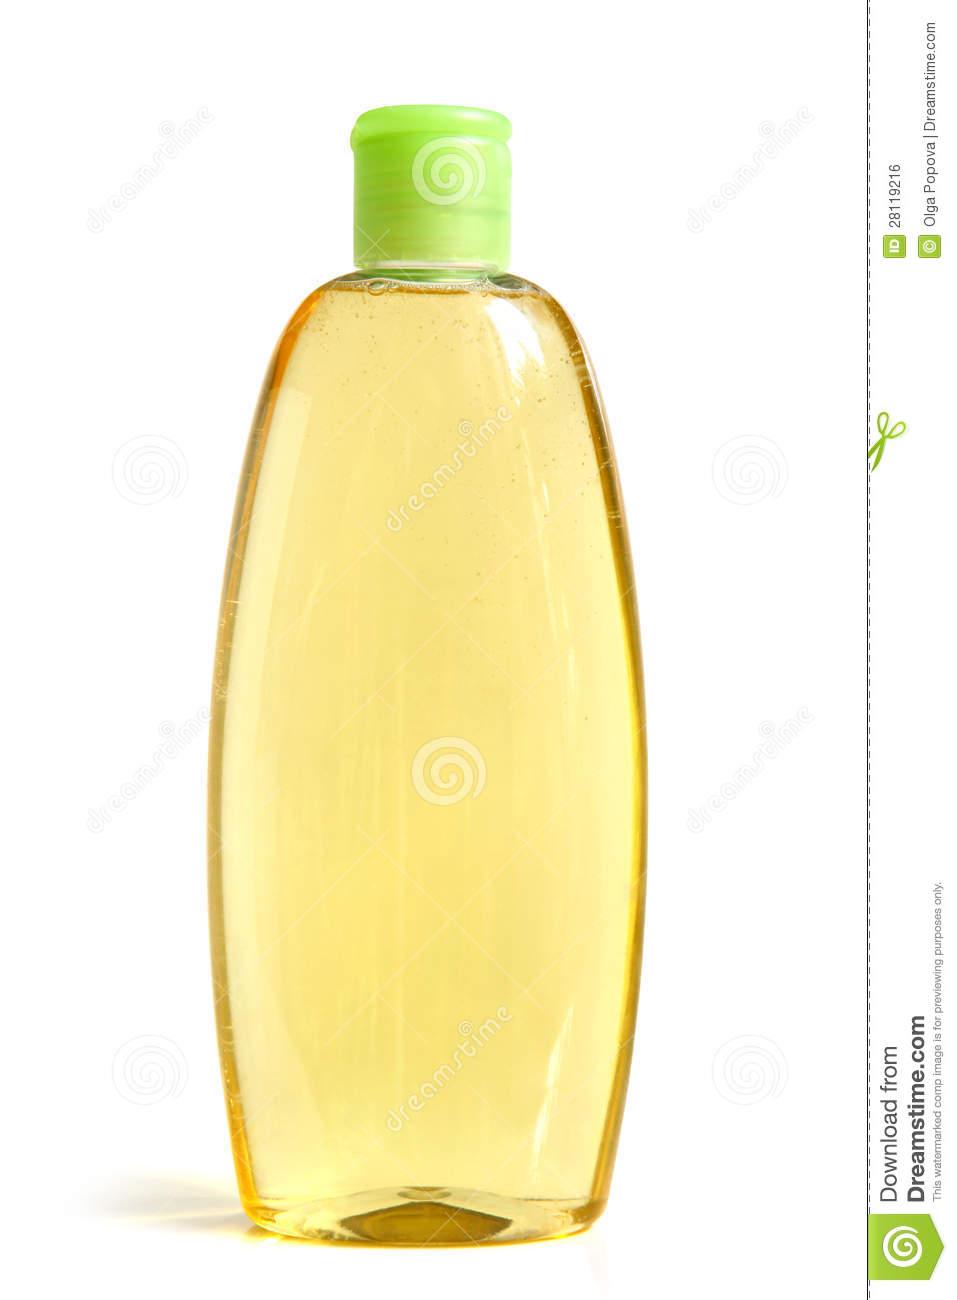 Shampoo Clip Art For Pinterest